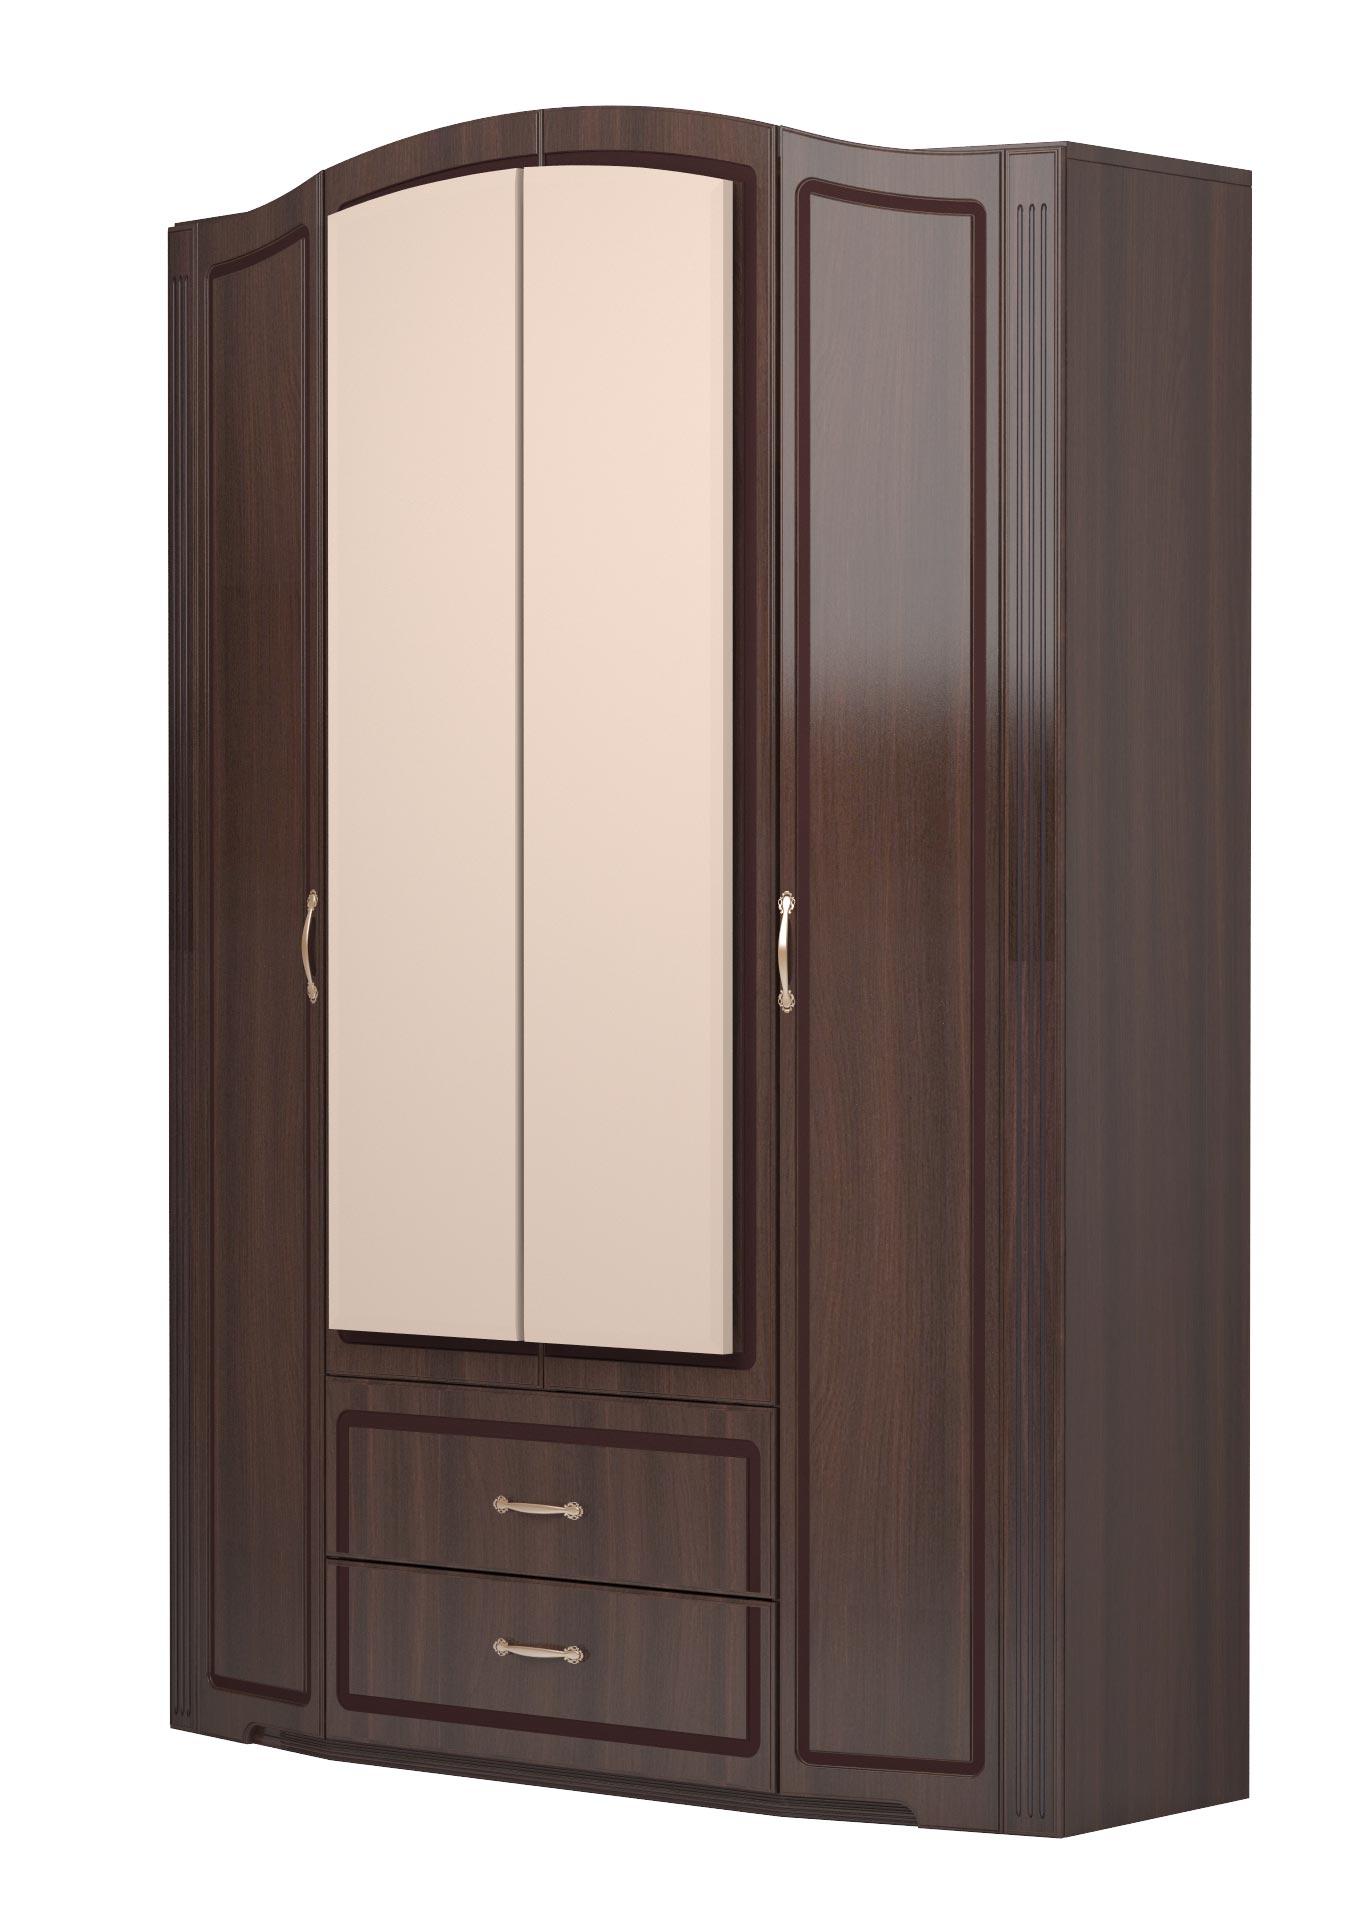 Шкаф 4х дверный с зеркалами и с ящиками Ижмебель Виктория (дуб тортона глянец), арт.02